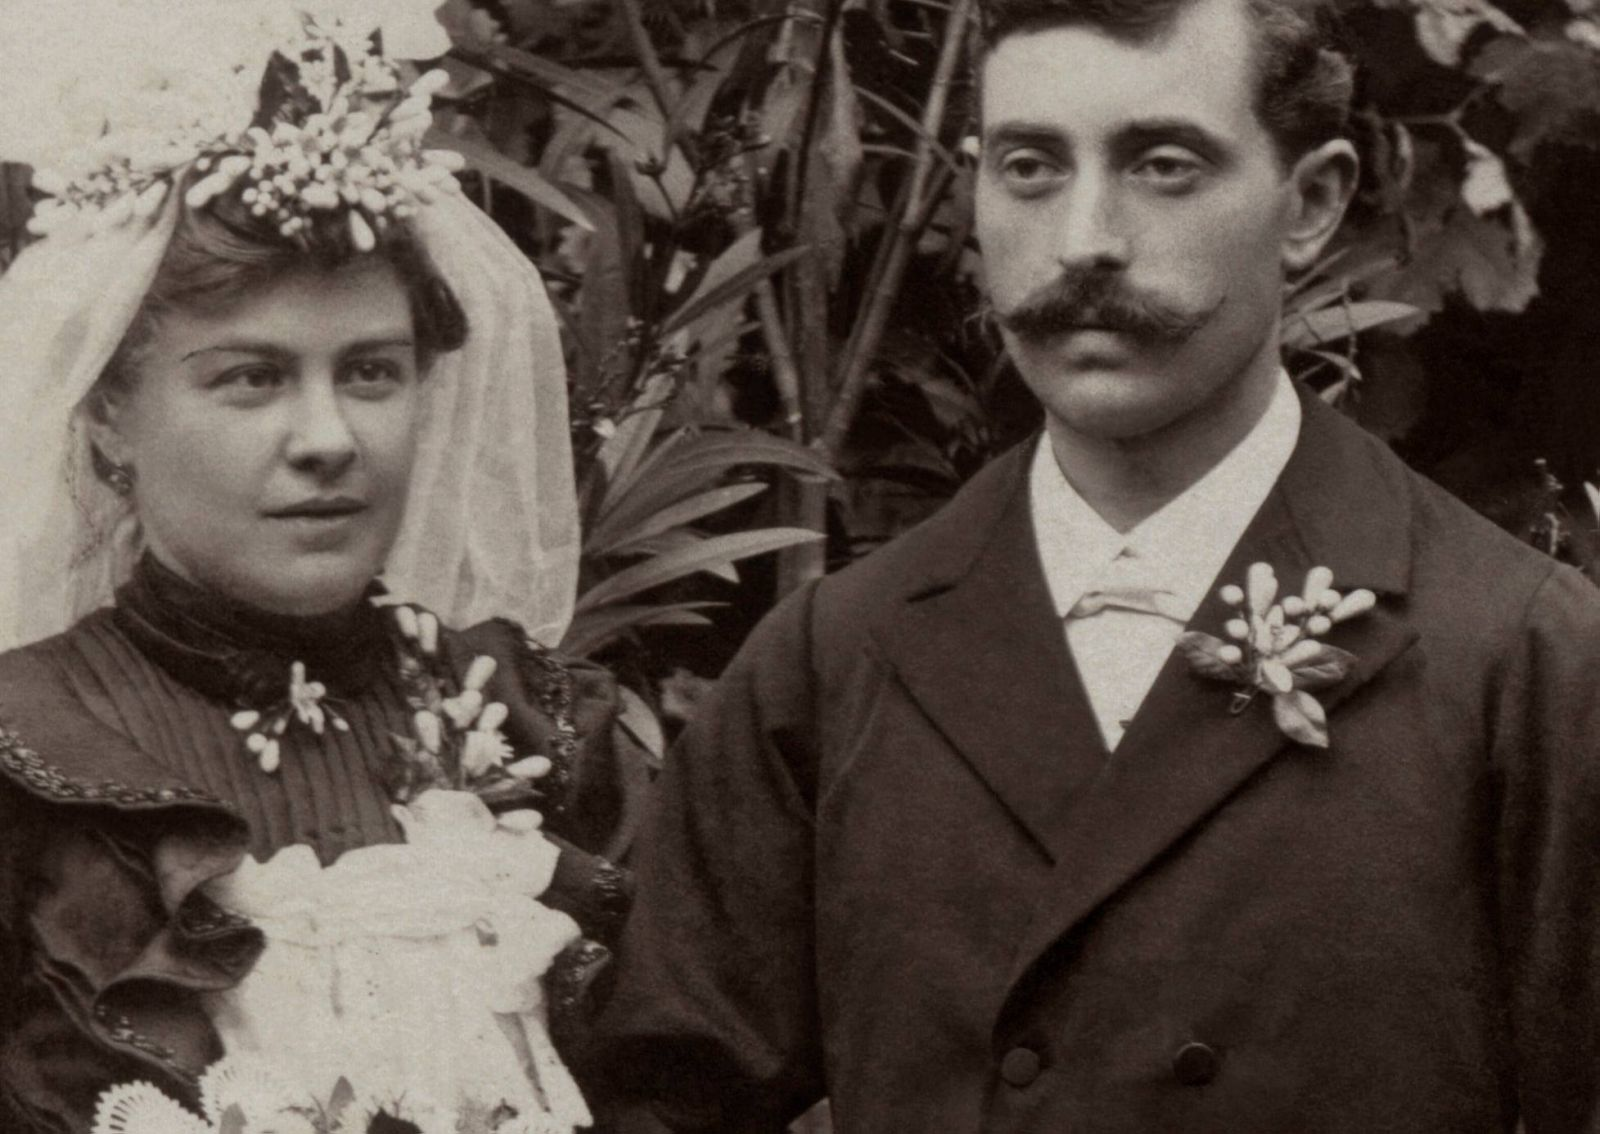 Exposição relembra as noivas pomeranas, vestidos pretos e a cultura alemã na região